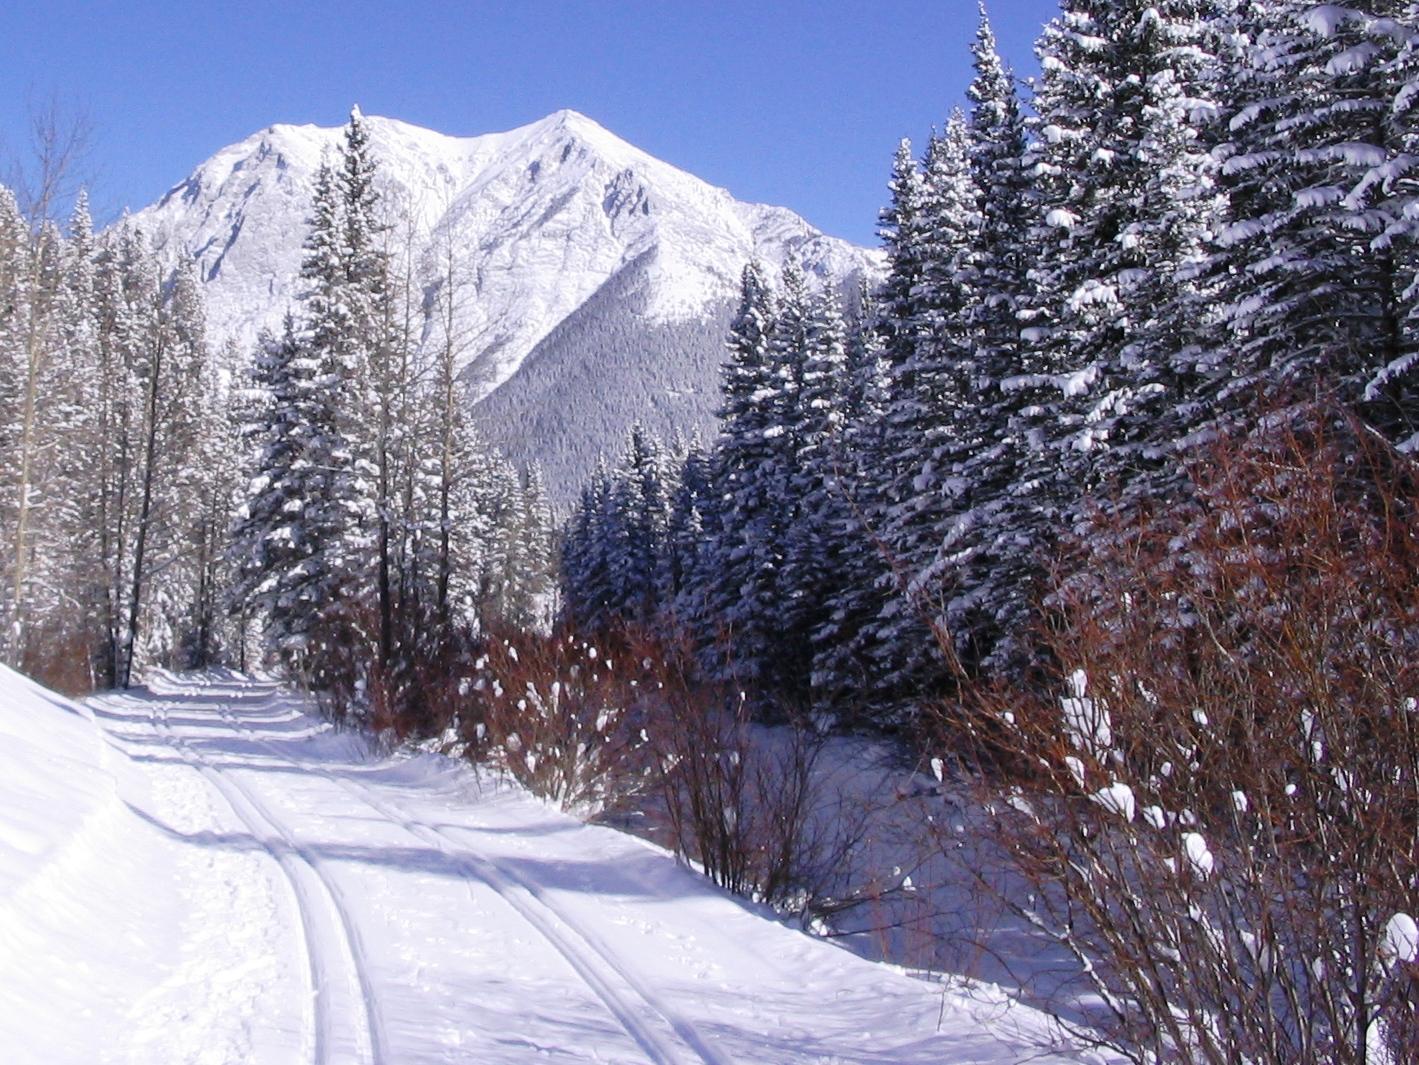 Ribbon Creek Feb 26, 2009